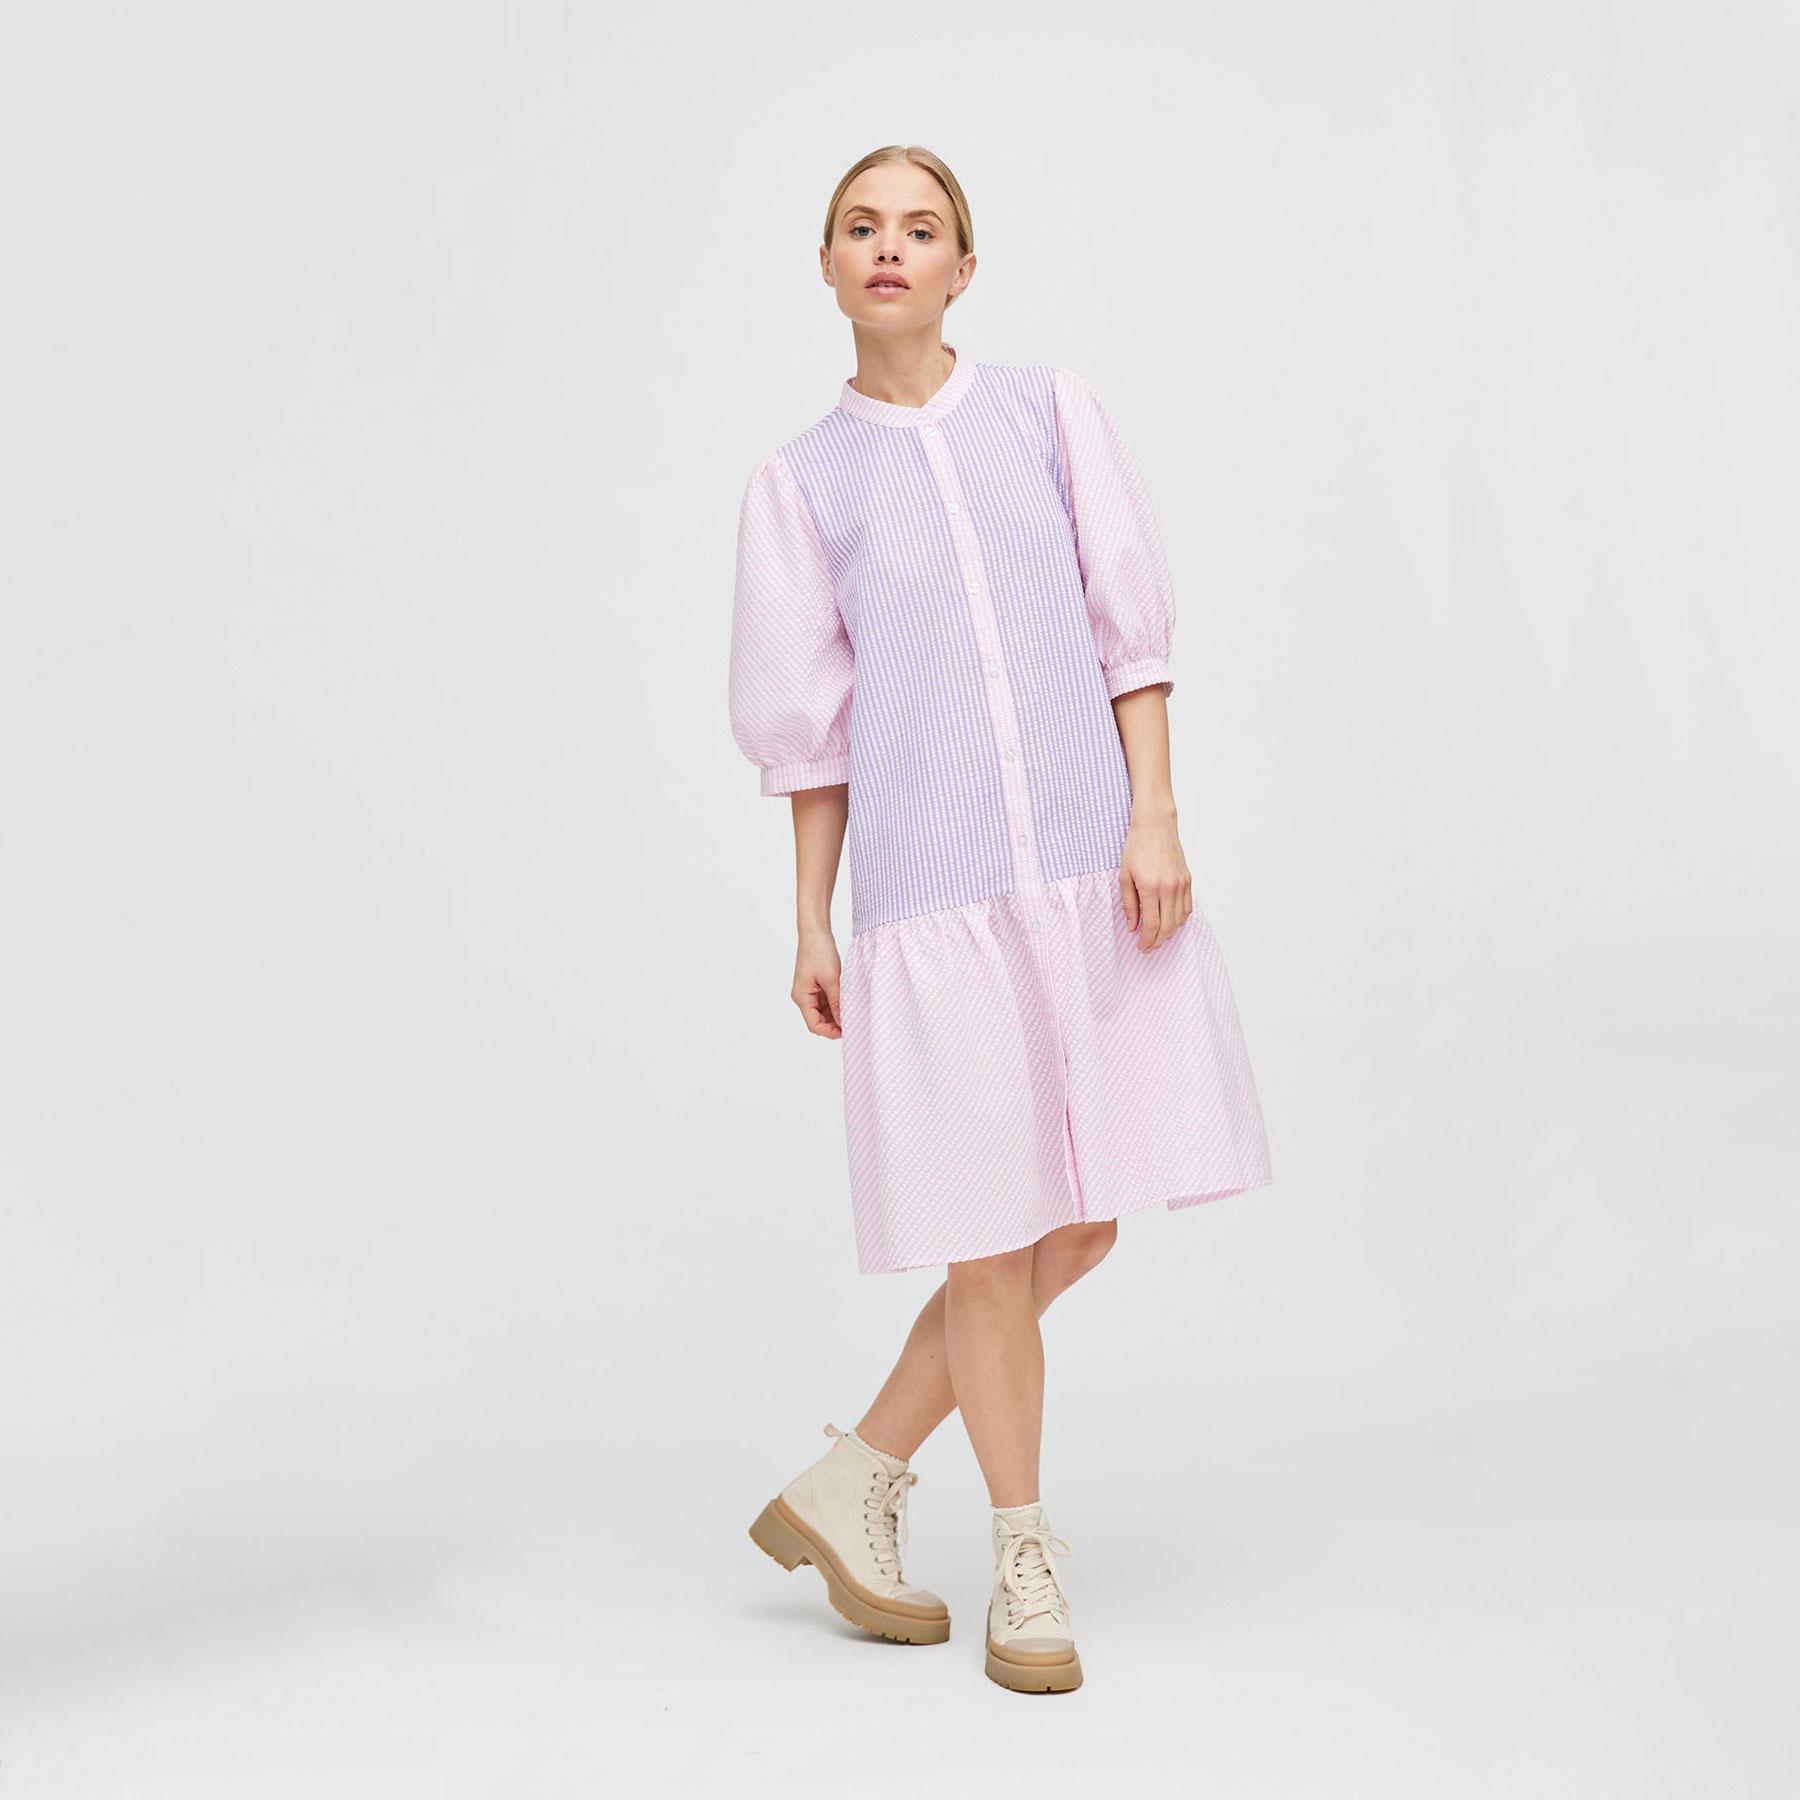 Køb A-view – Rikke dress  – Kjoler til hende – Lilla – 40